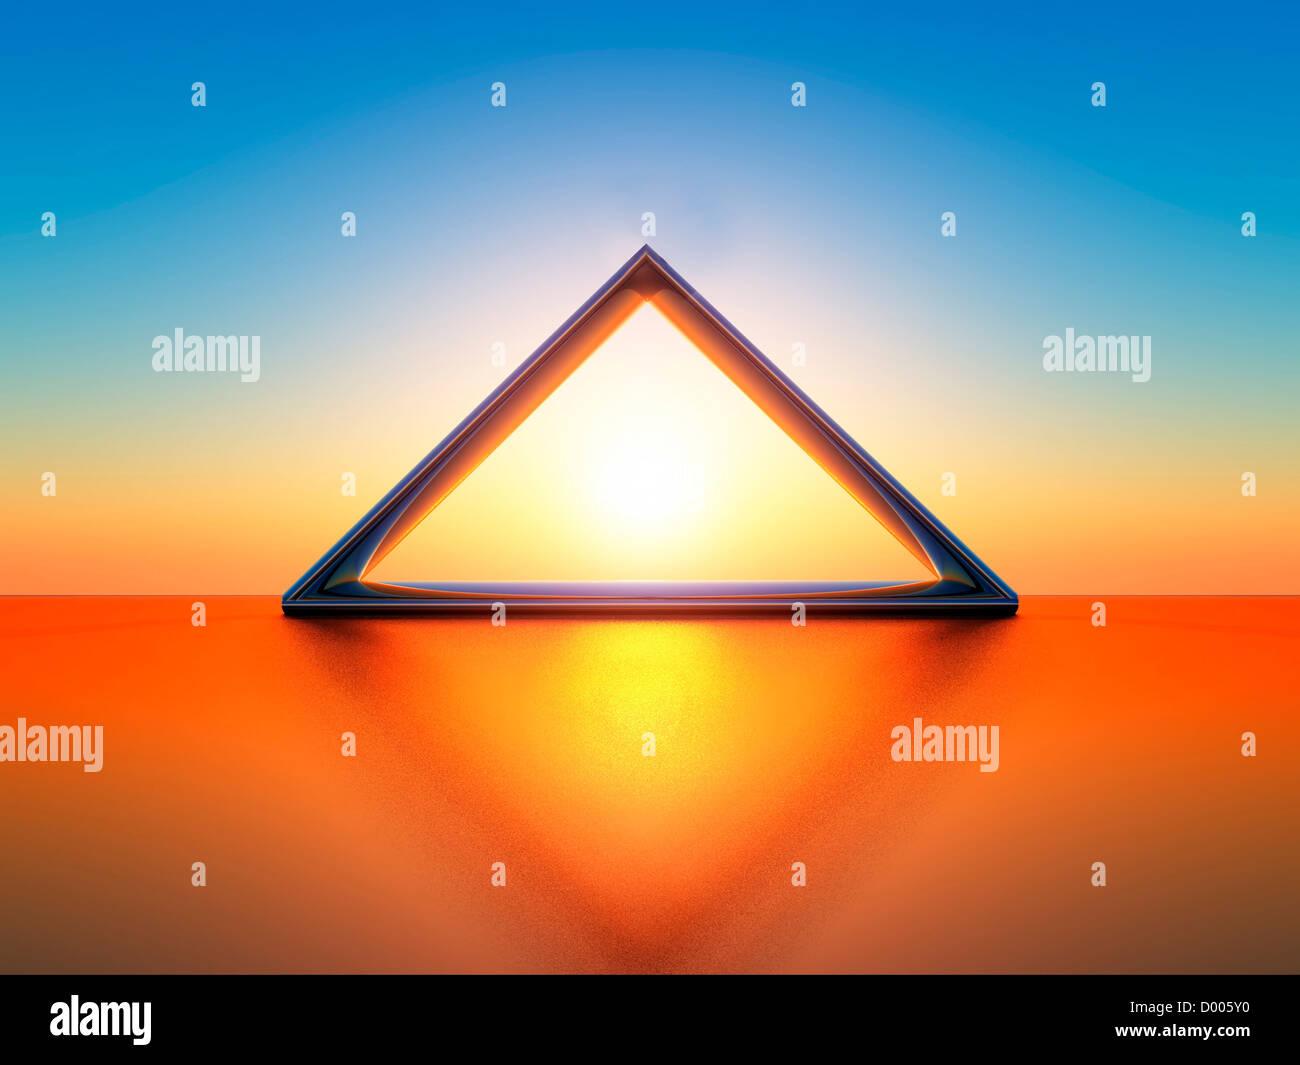 eine 3d Darstellung eines Dreiecks Stockbild